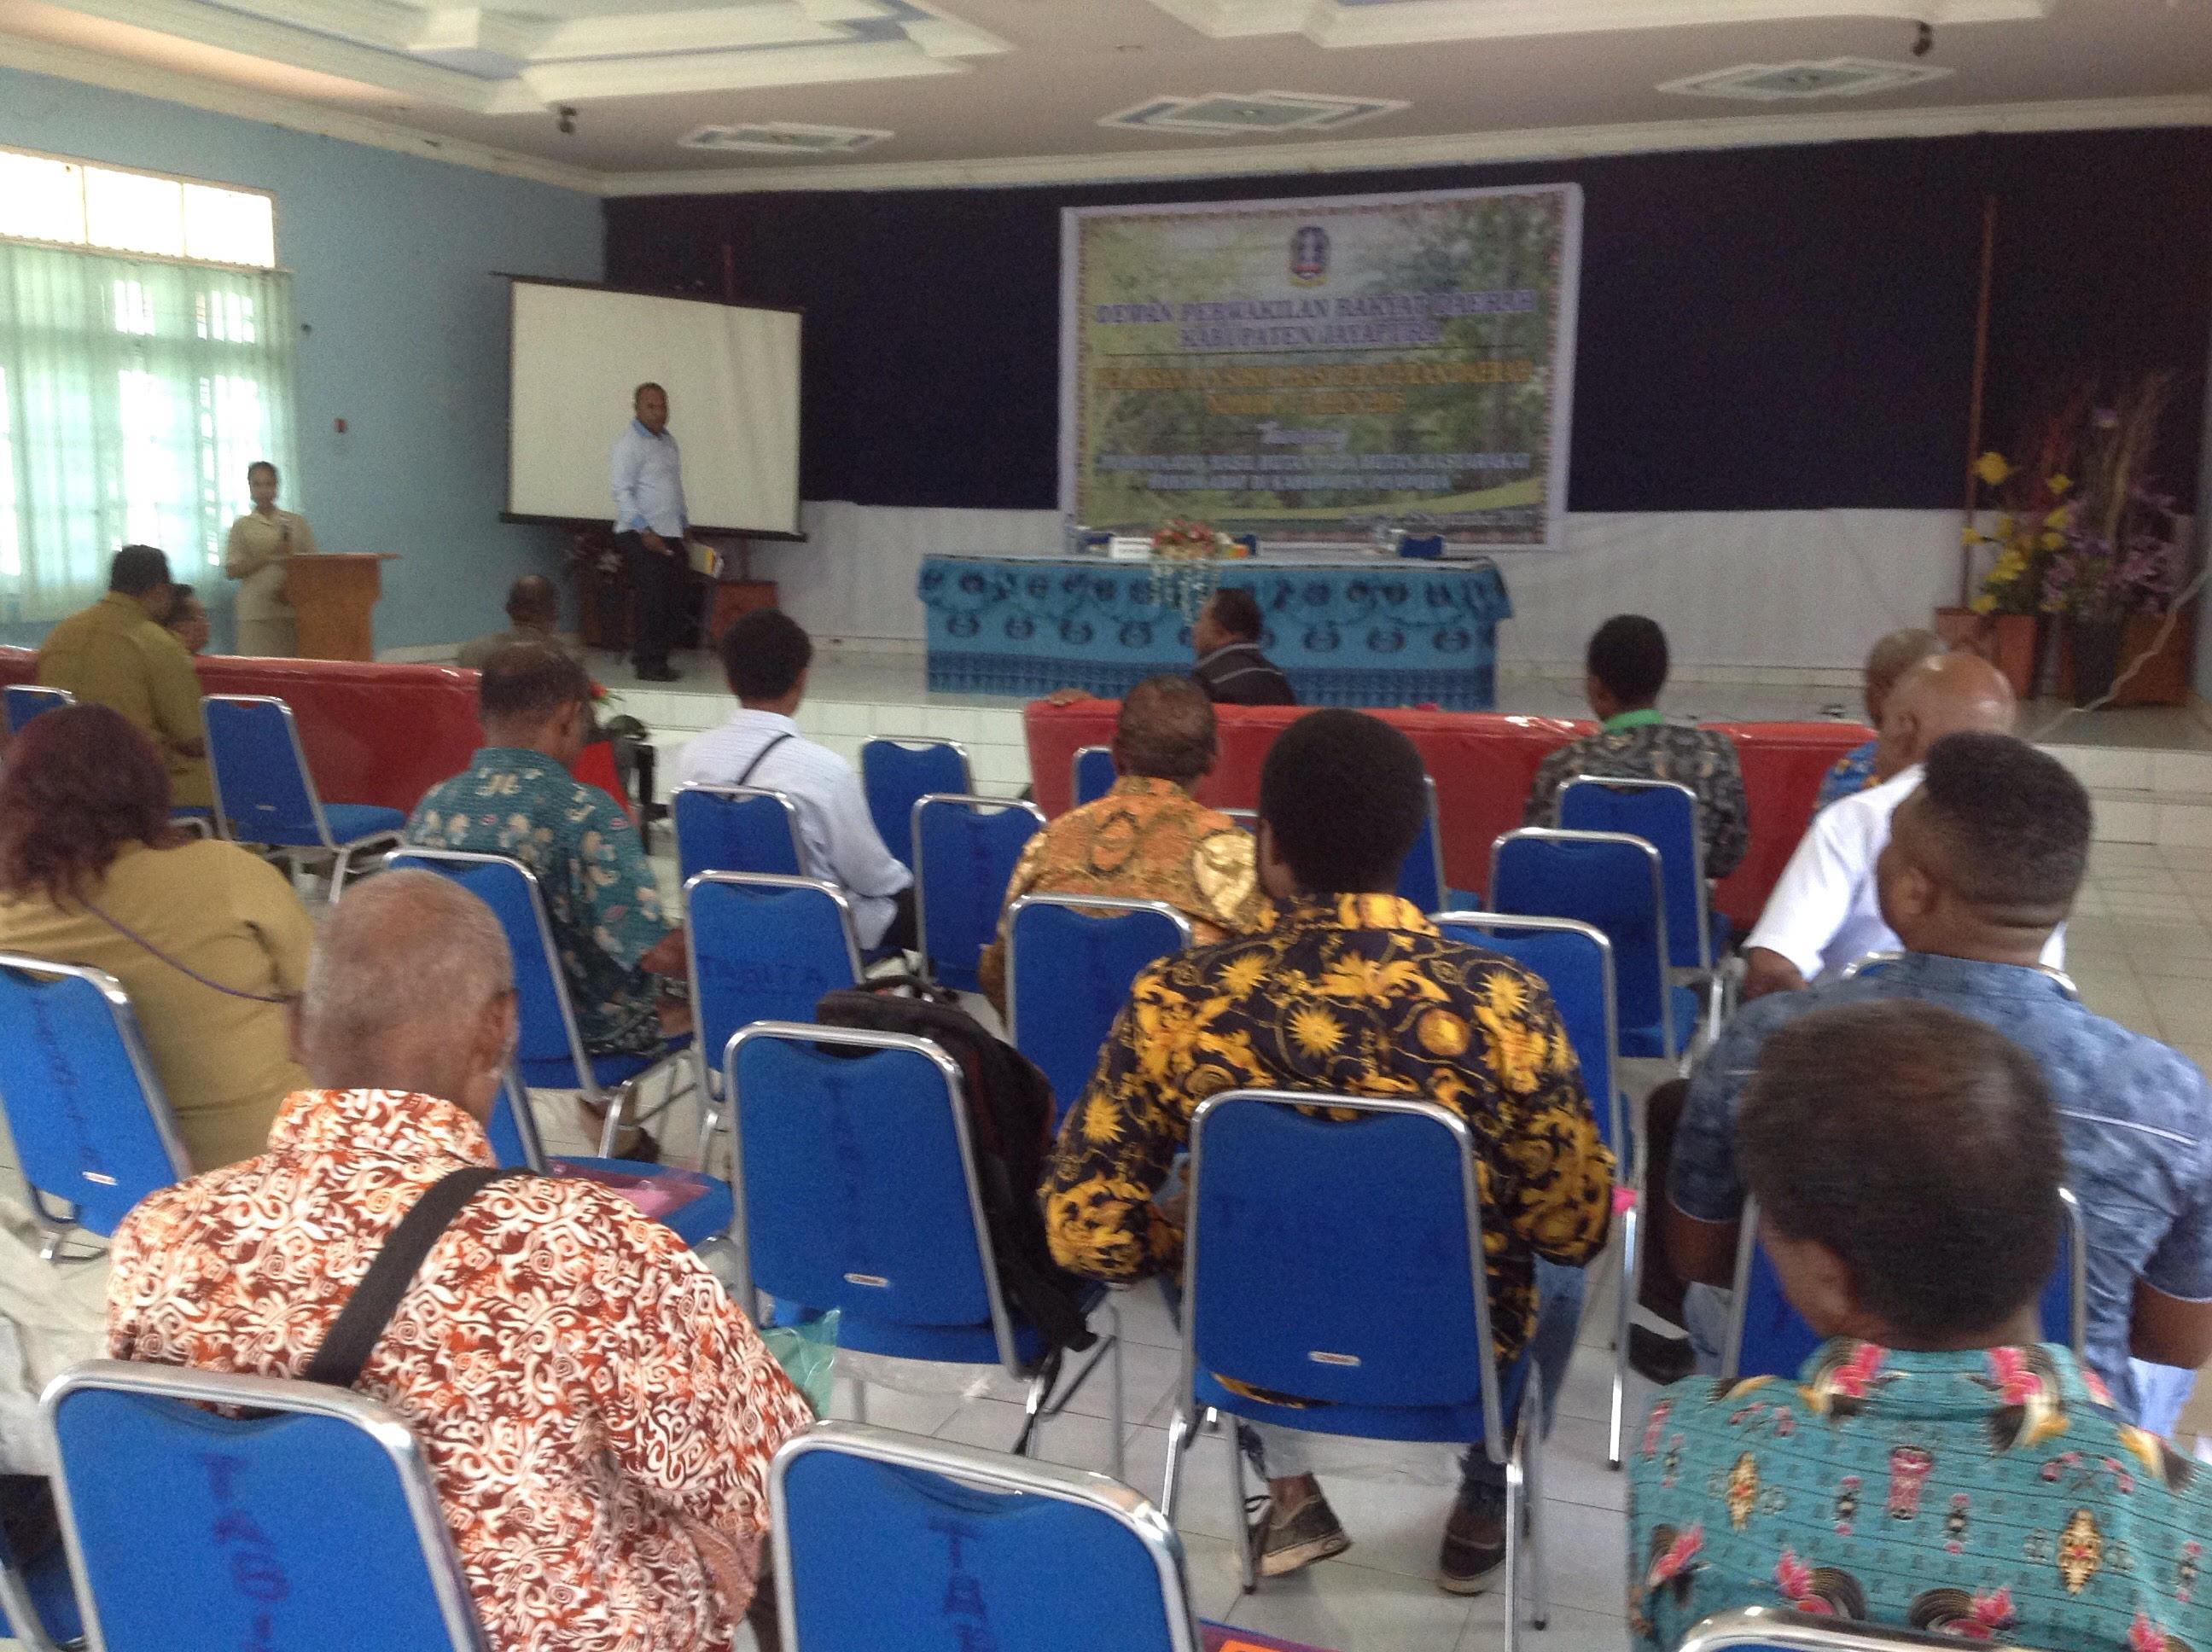 Dprd Sosialisasikan Perda Tentang Hutan Berita Papua Peraturan Daerah Nomor